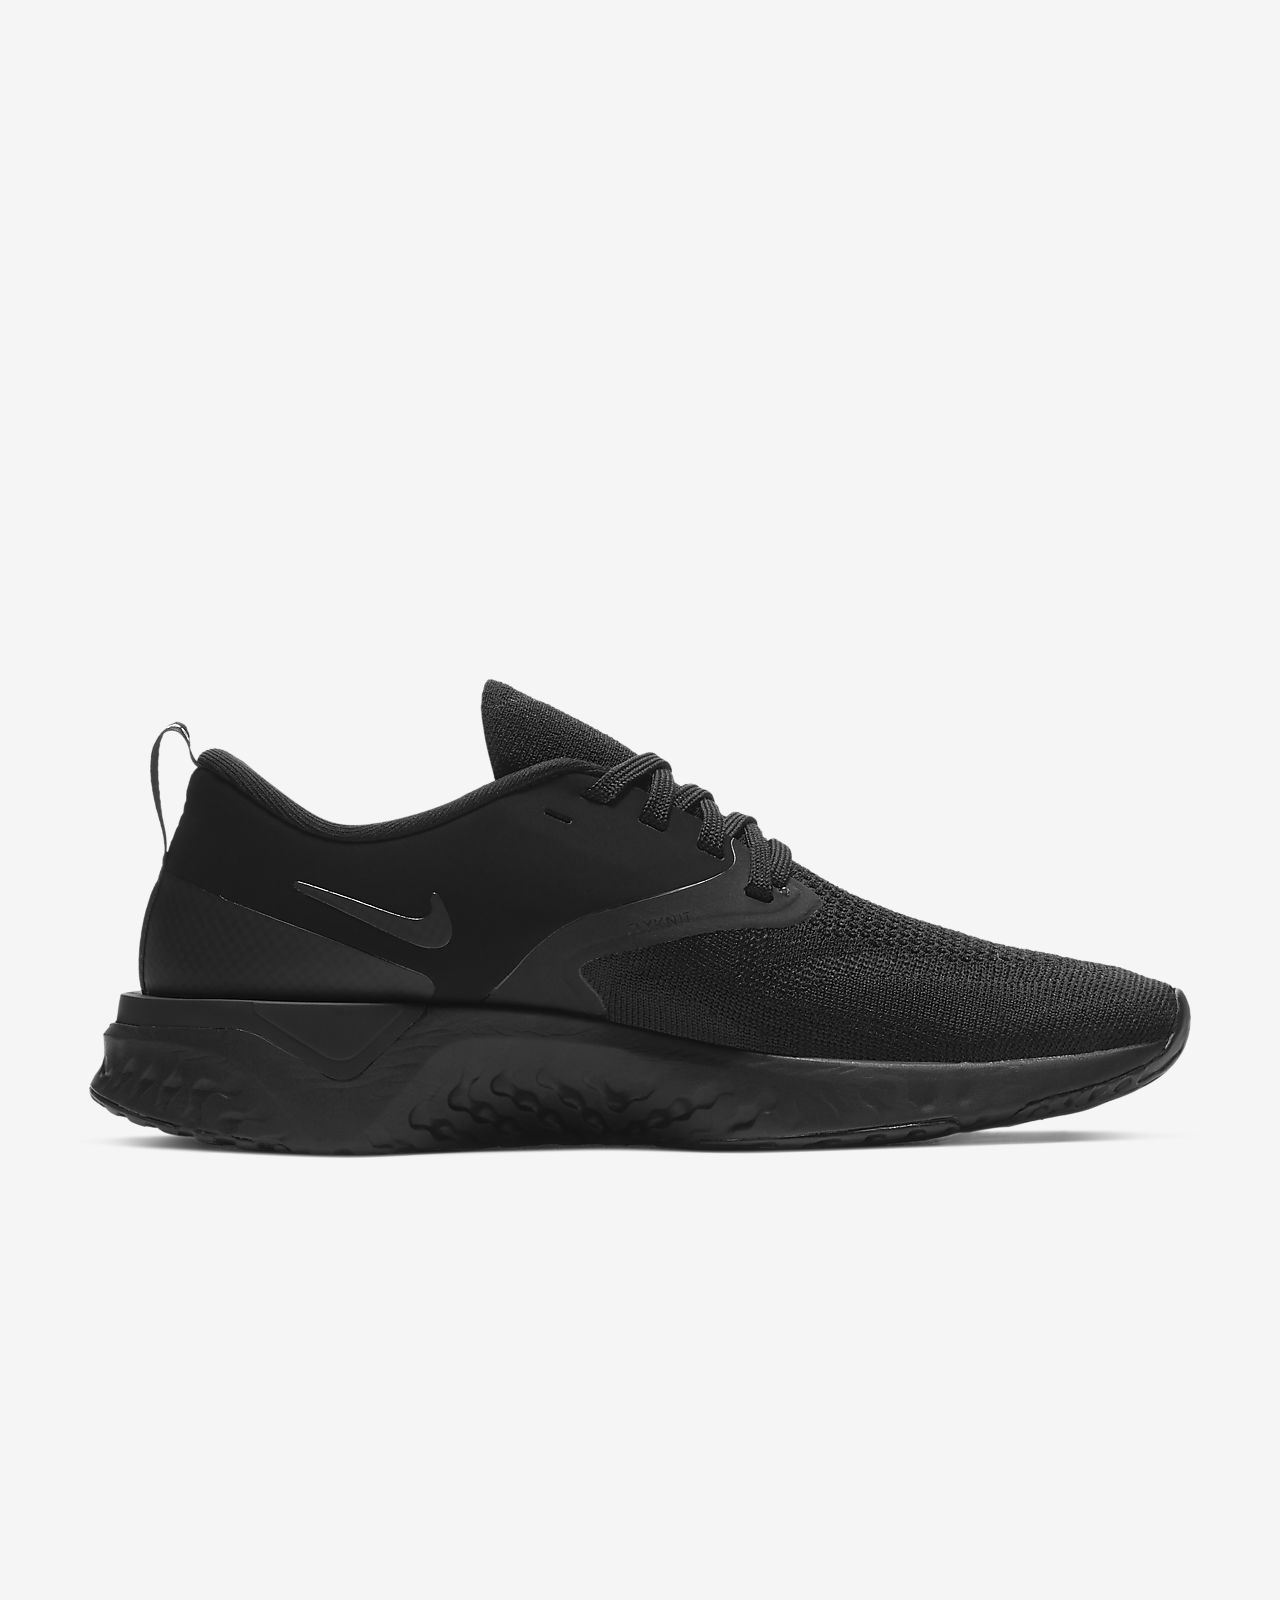 React Femme Odyssey Running De 2 Pour Nike Chaussure Flyknit jLA54R